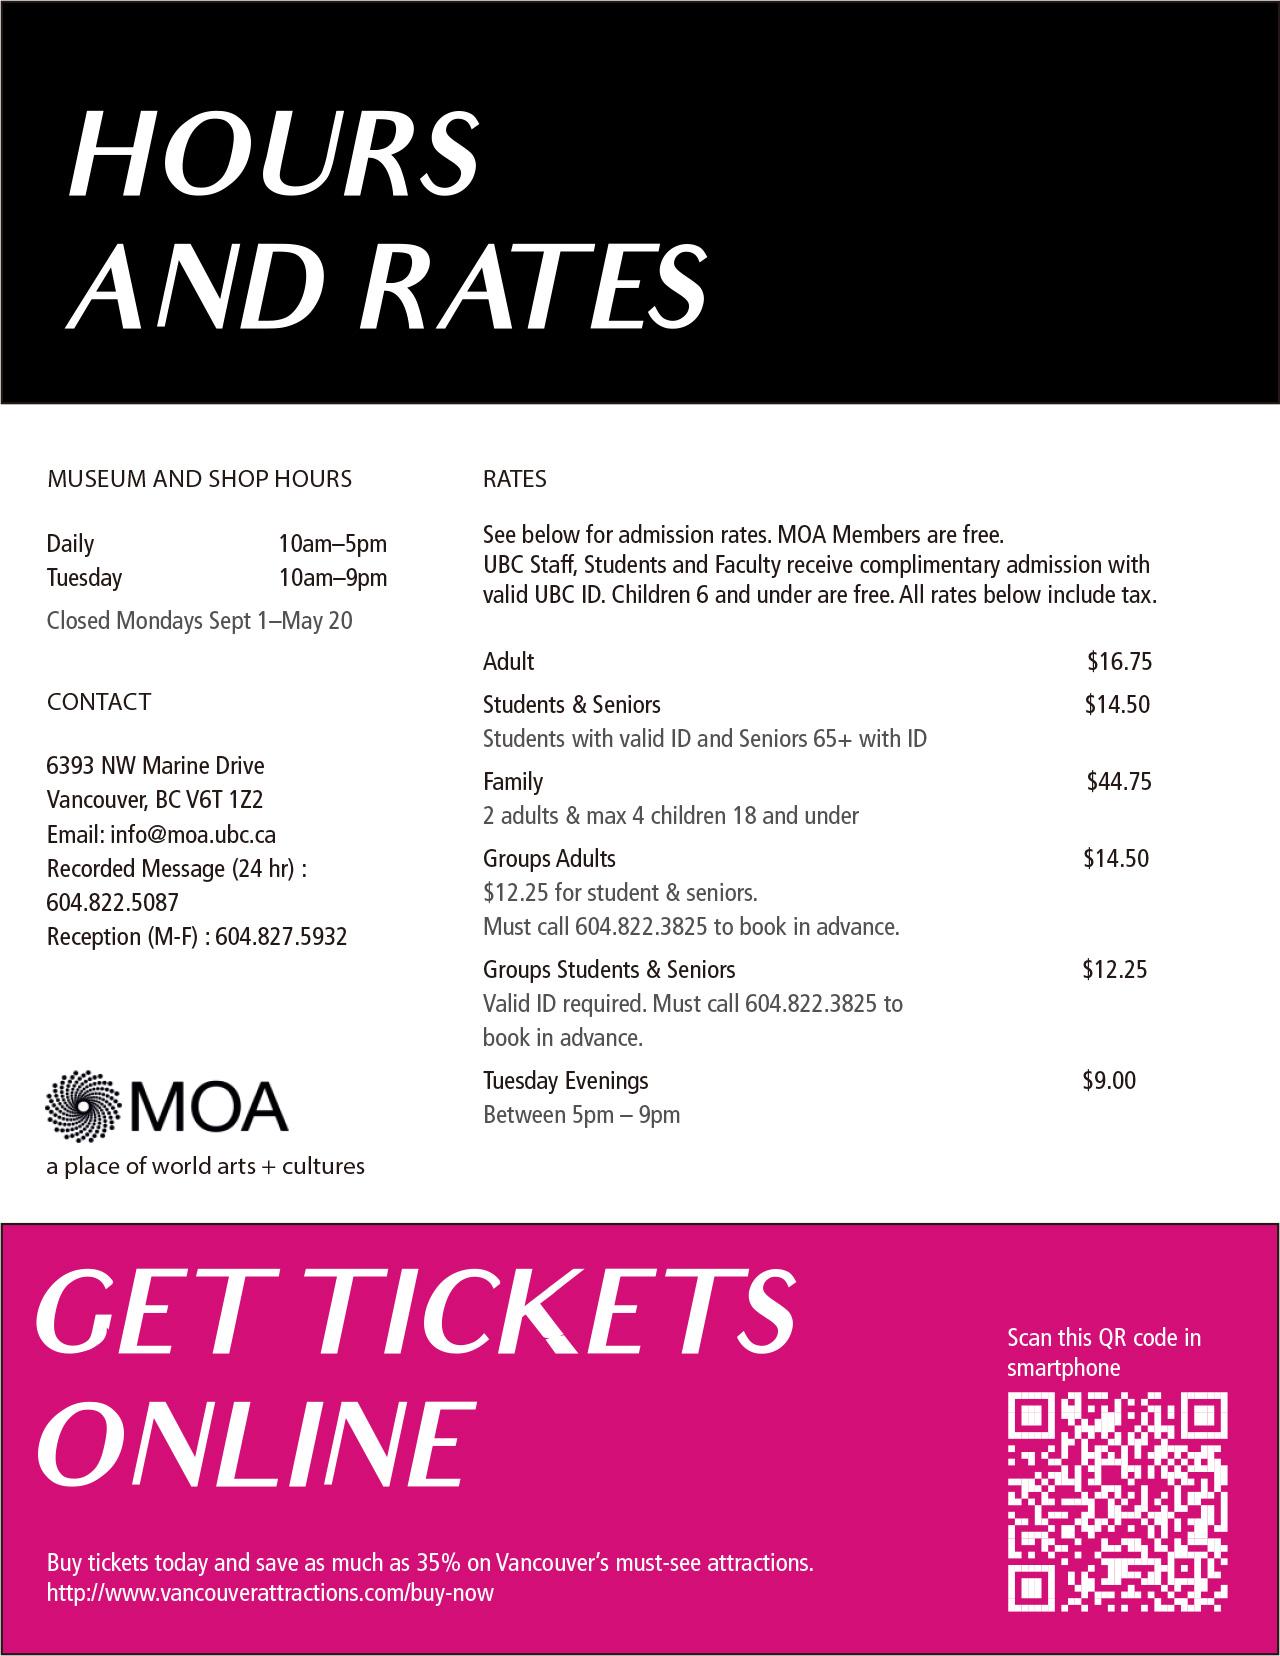 MOA rates